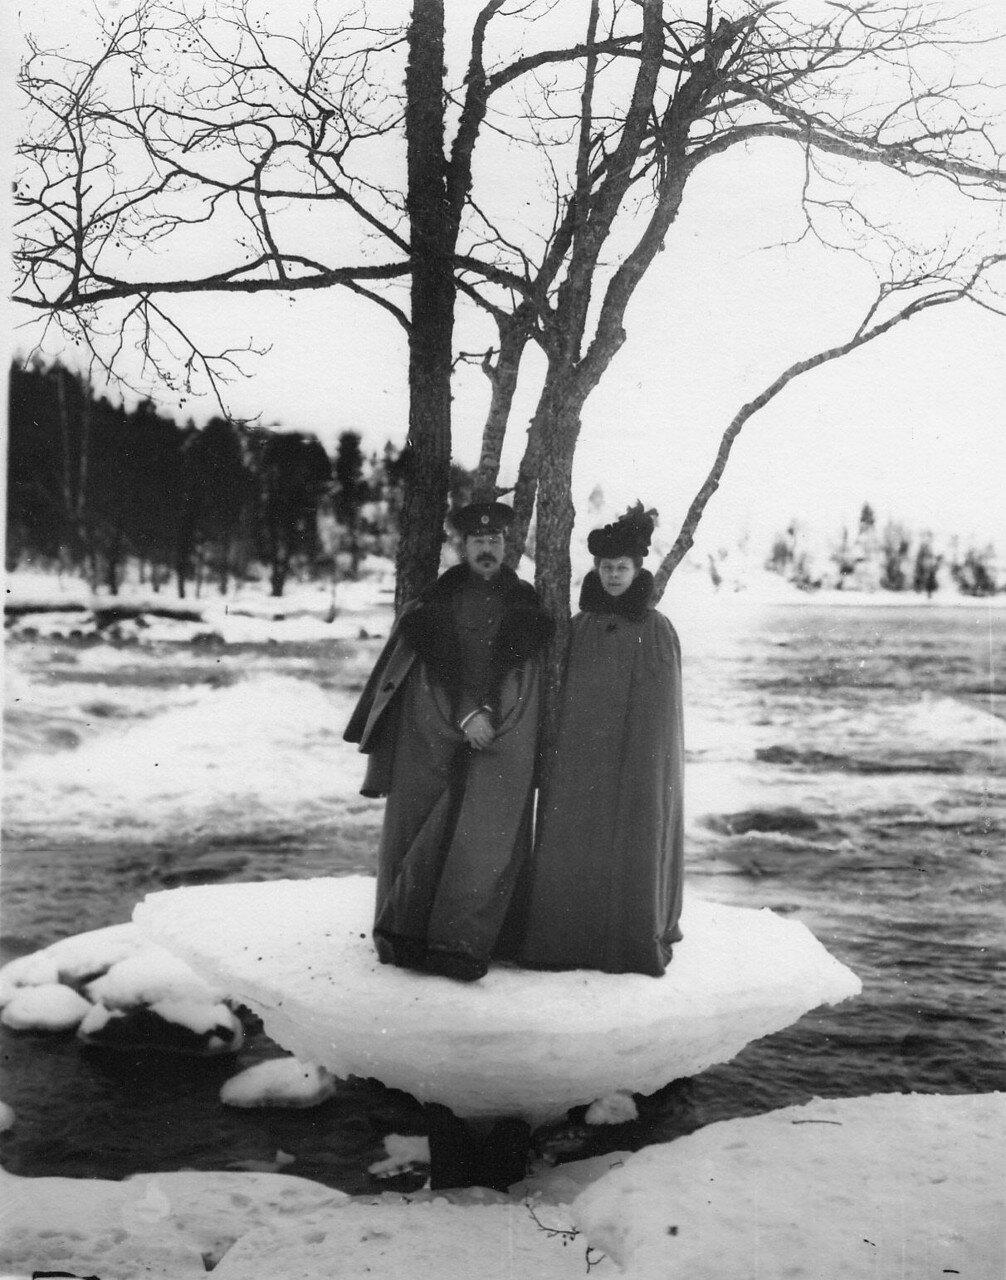 01. Двое членов Общества телесного воспитания во время экскурсии у реки Вуоксы. Декабрь 1908